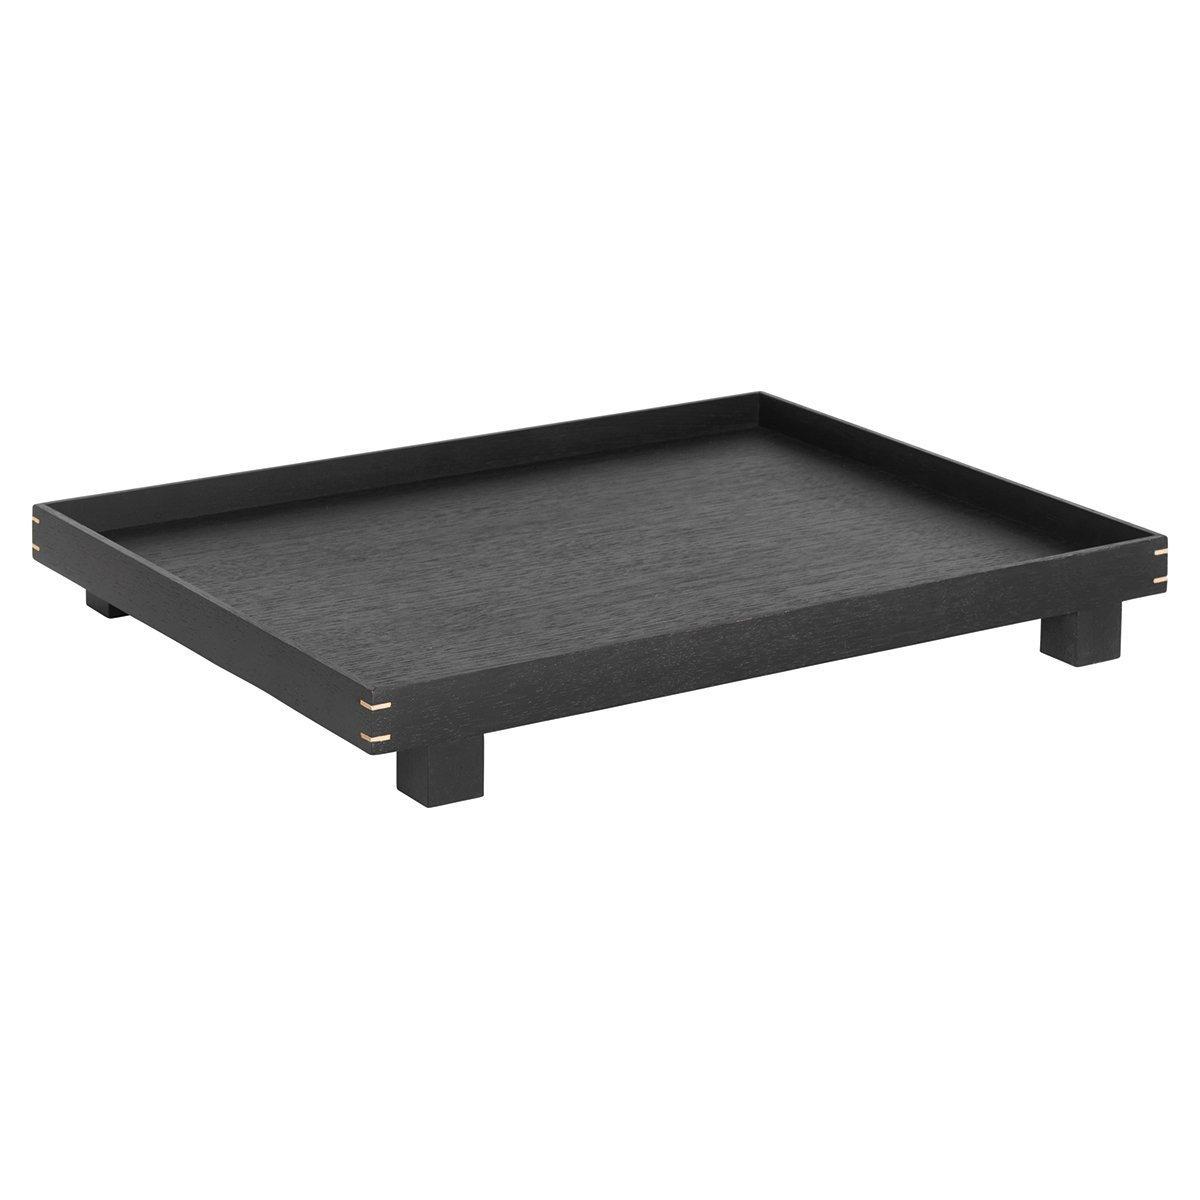 Ferm Living Bon Tray - Zwart Eiken - Large